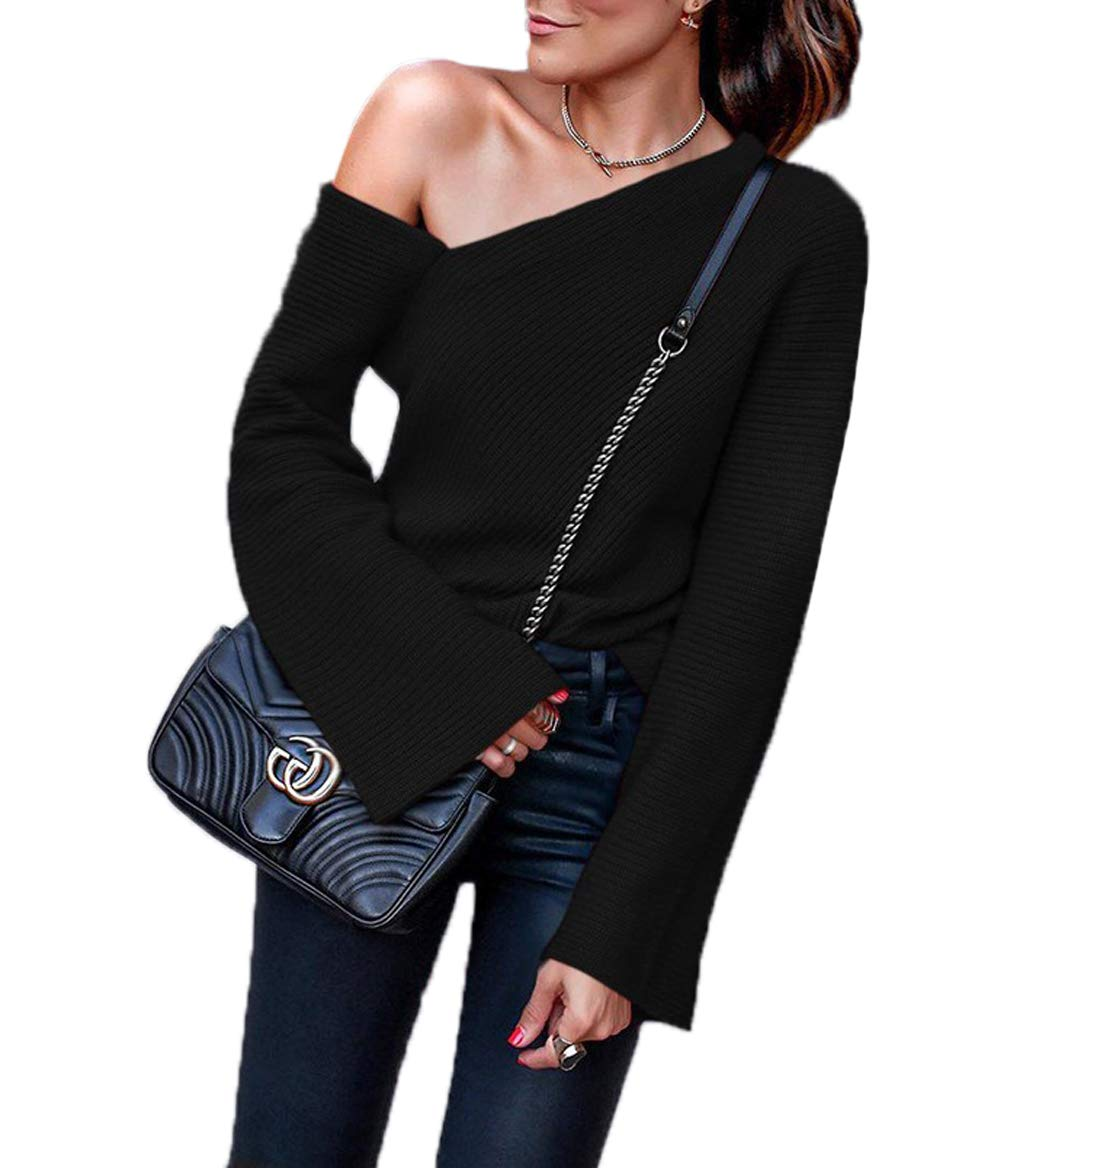 9675e8c69c35 Ajpguot Maglioni da Donna Sexy Senza Spalline Top Moda Maglie a Manica  Lunga Maglie Bluse di